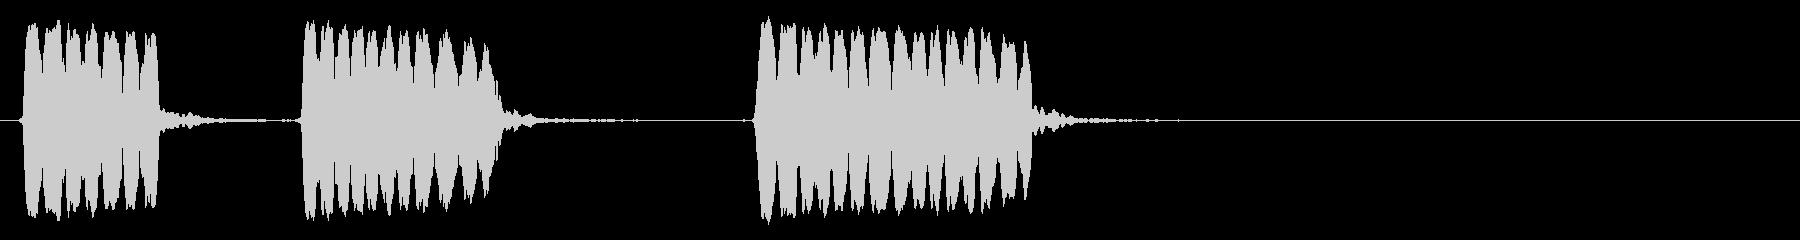 クイックトリプルトリル、フォリーの未再生の波形